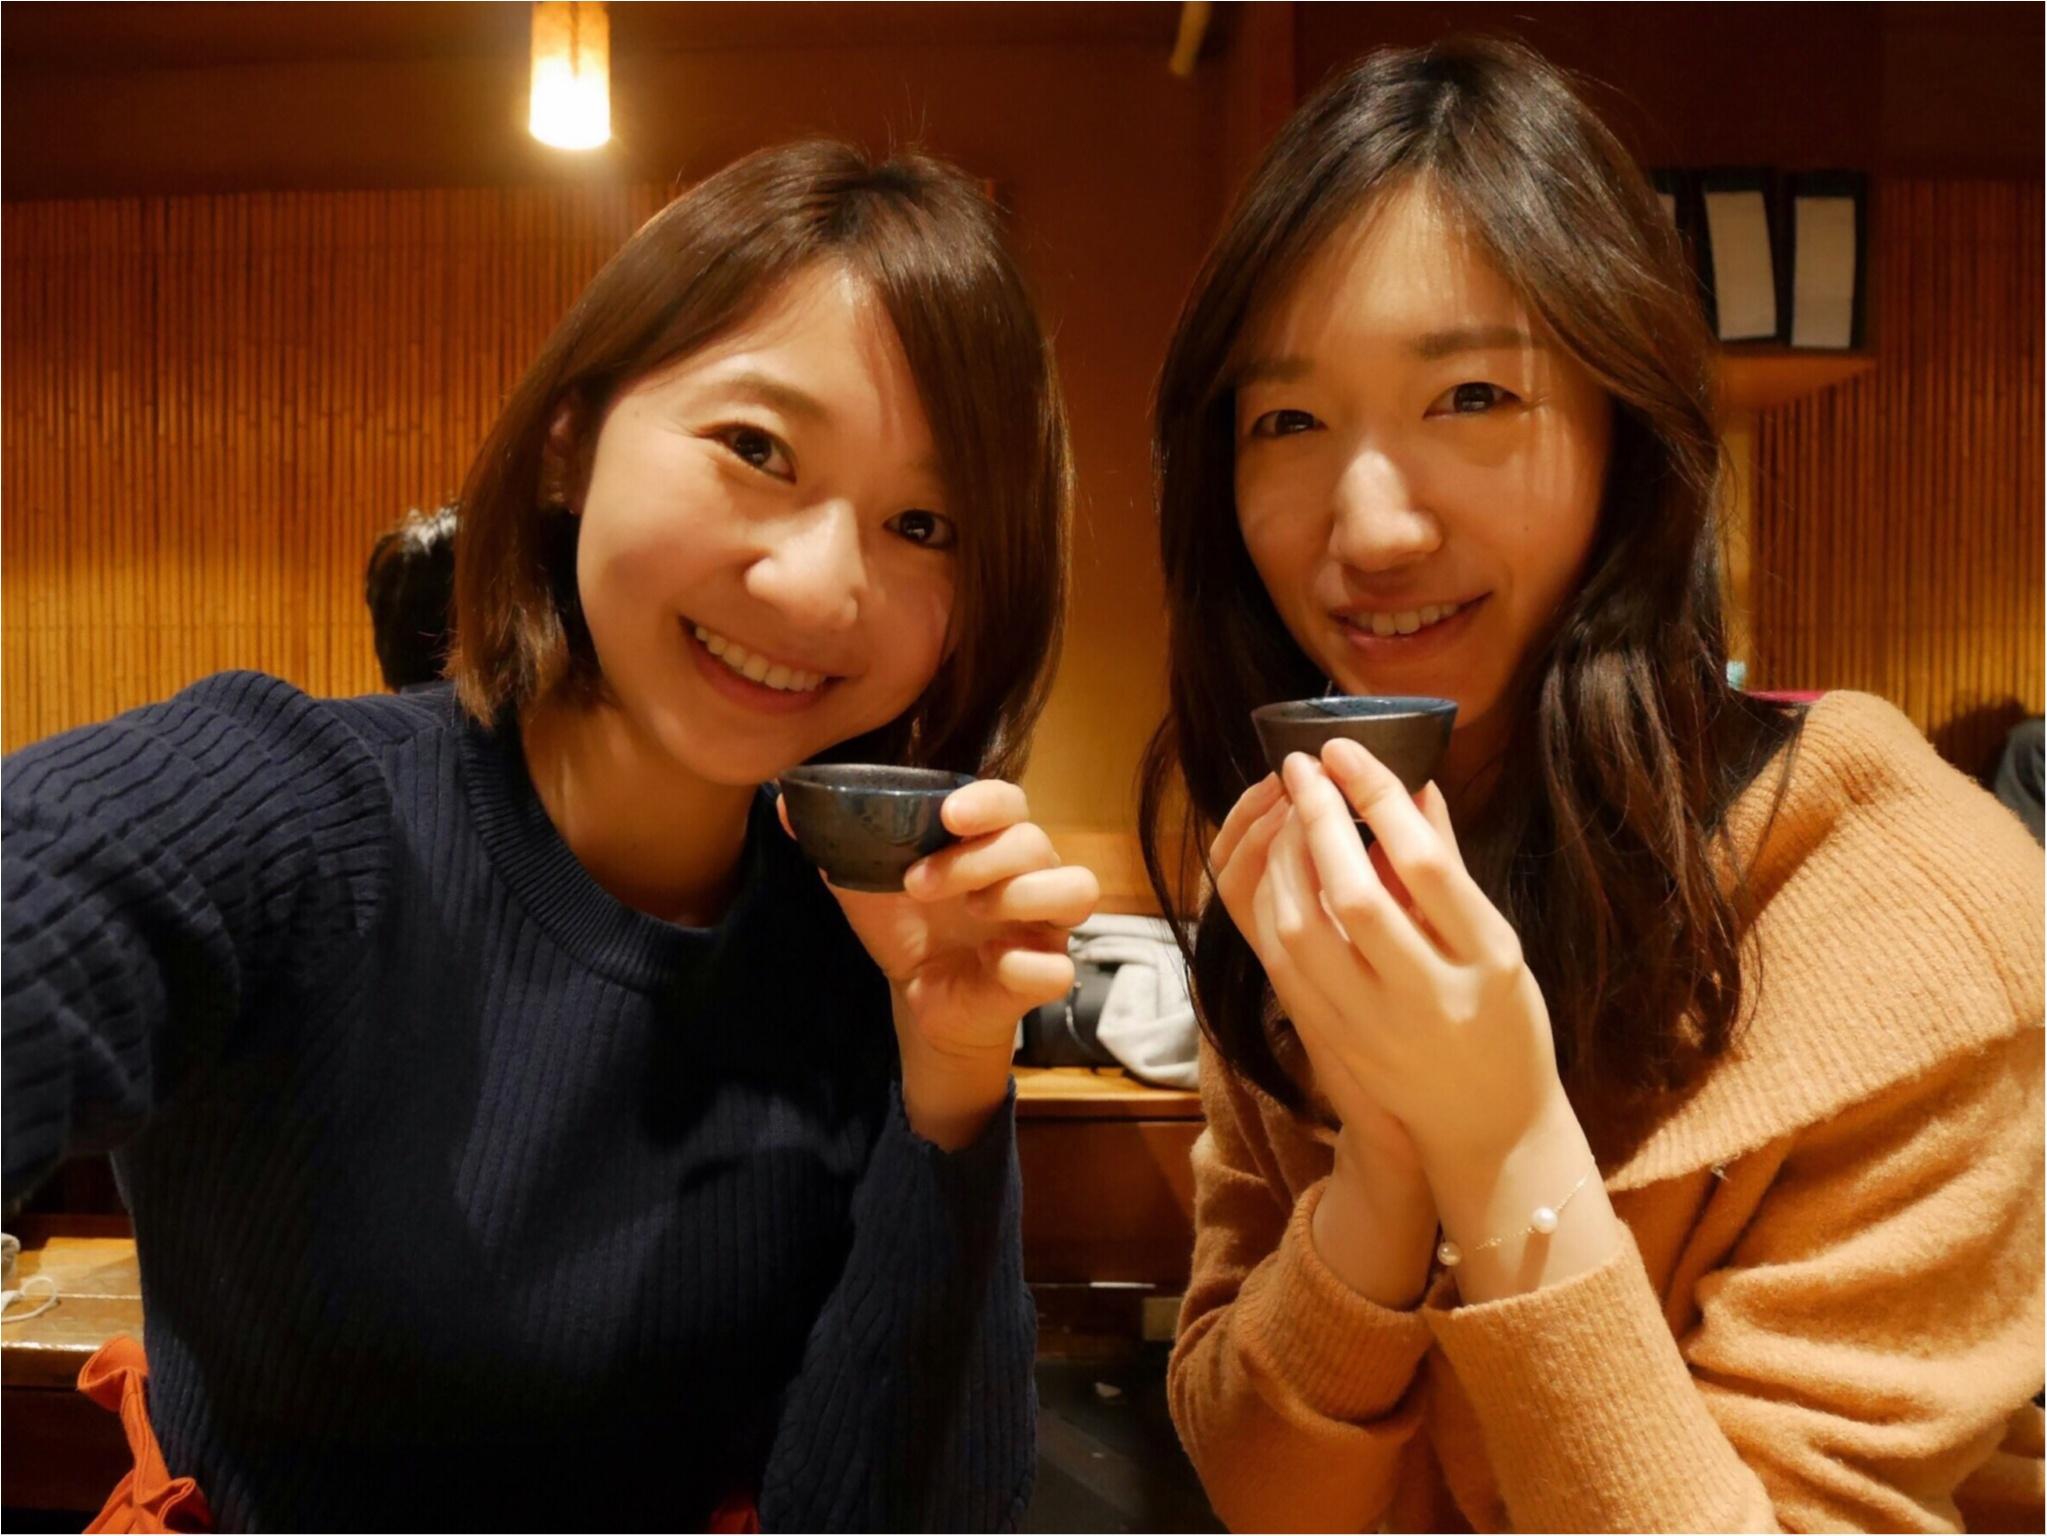 【恵比寿】そば・しゃぶしゃぶ・日本酒を楽しむなら『まにん』✨黒豚つけ麺そばが絶品〜♡_1